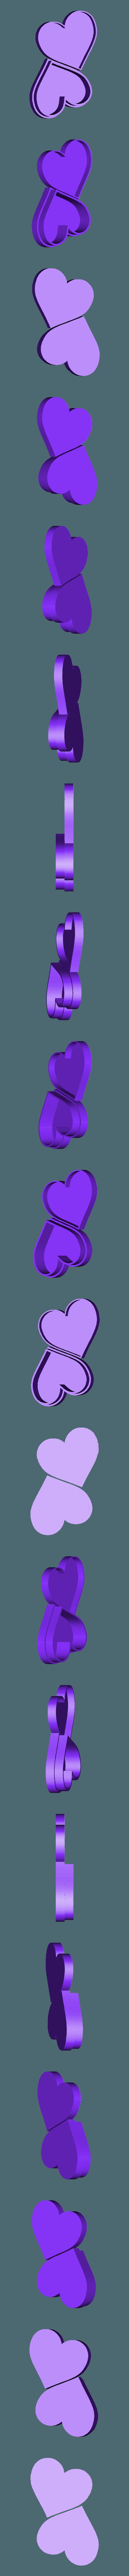 Boite en cœur.obj Télécharger fichier OBJ gratuit Boite en coeur • Design pour impression 3D, ryad36